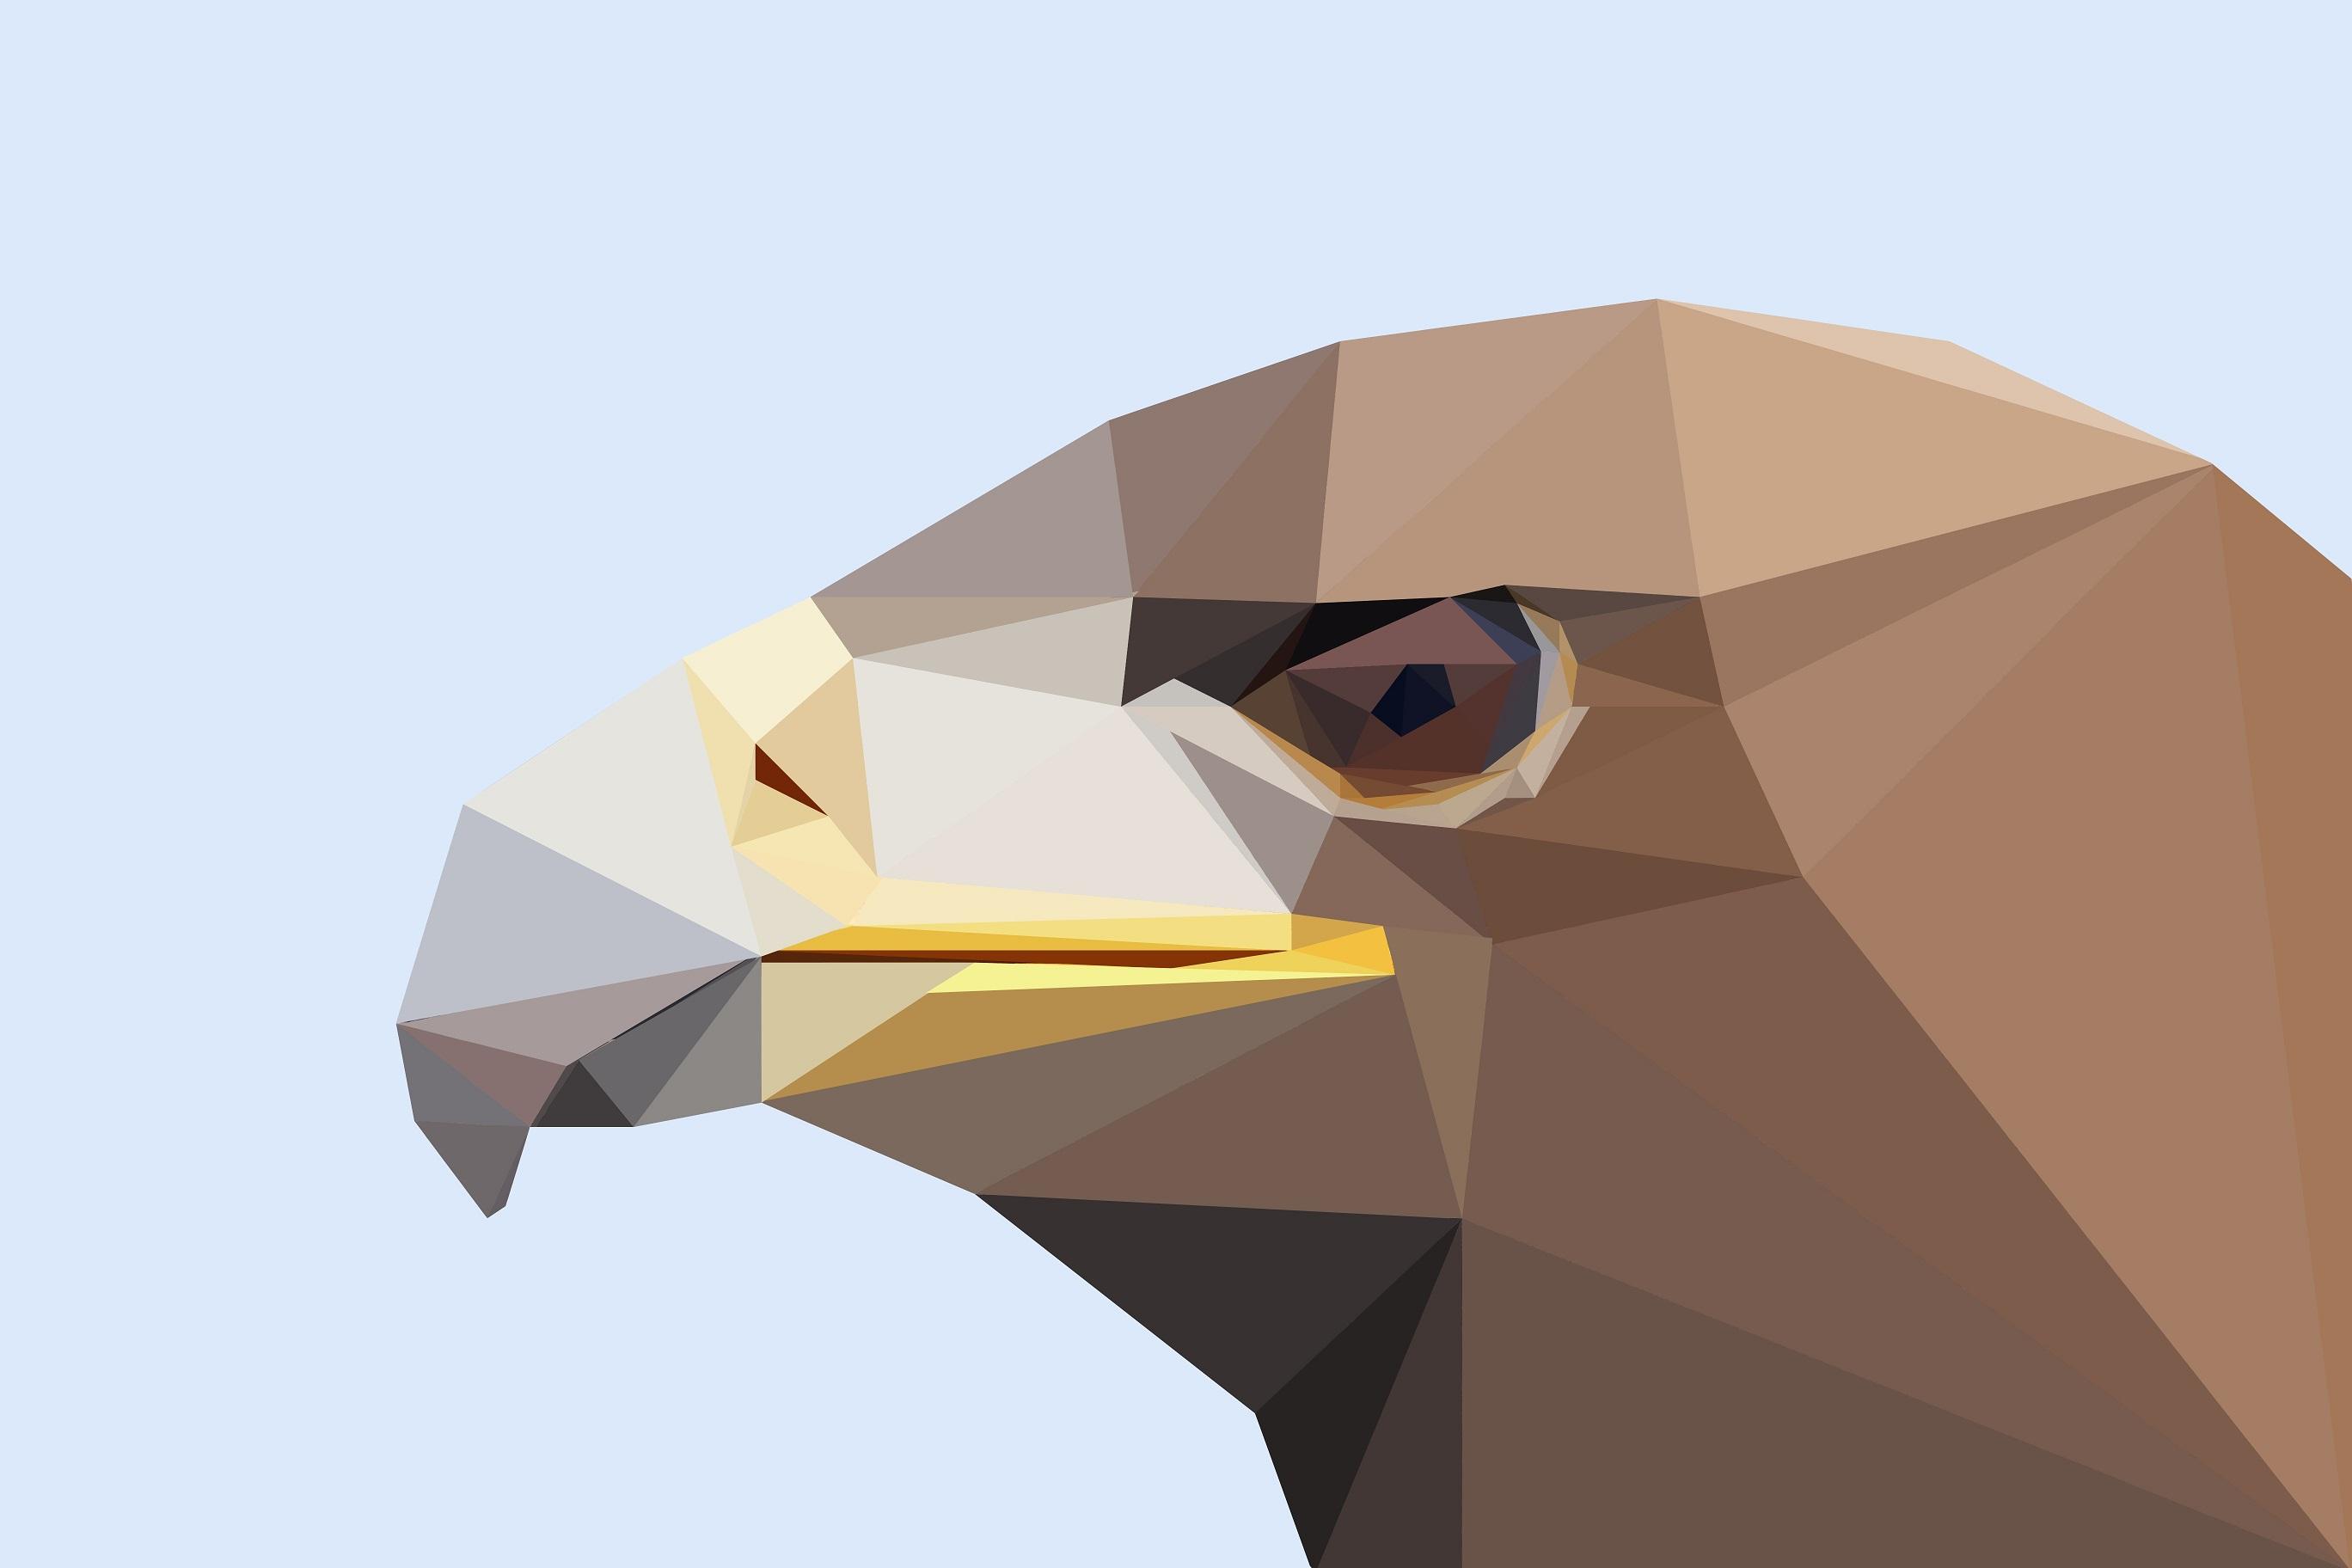 Popular Wallpaper Bird Minimalist - 785870  Gallery_545082.jpg